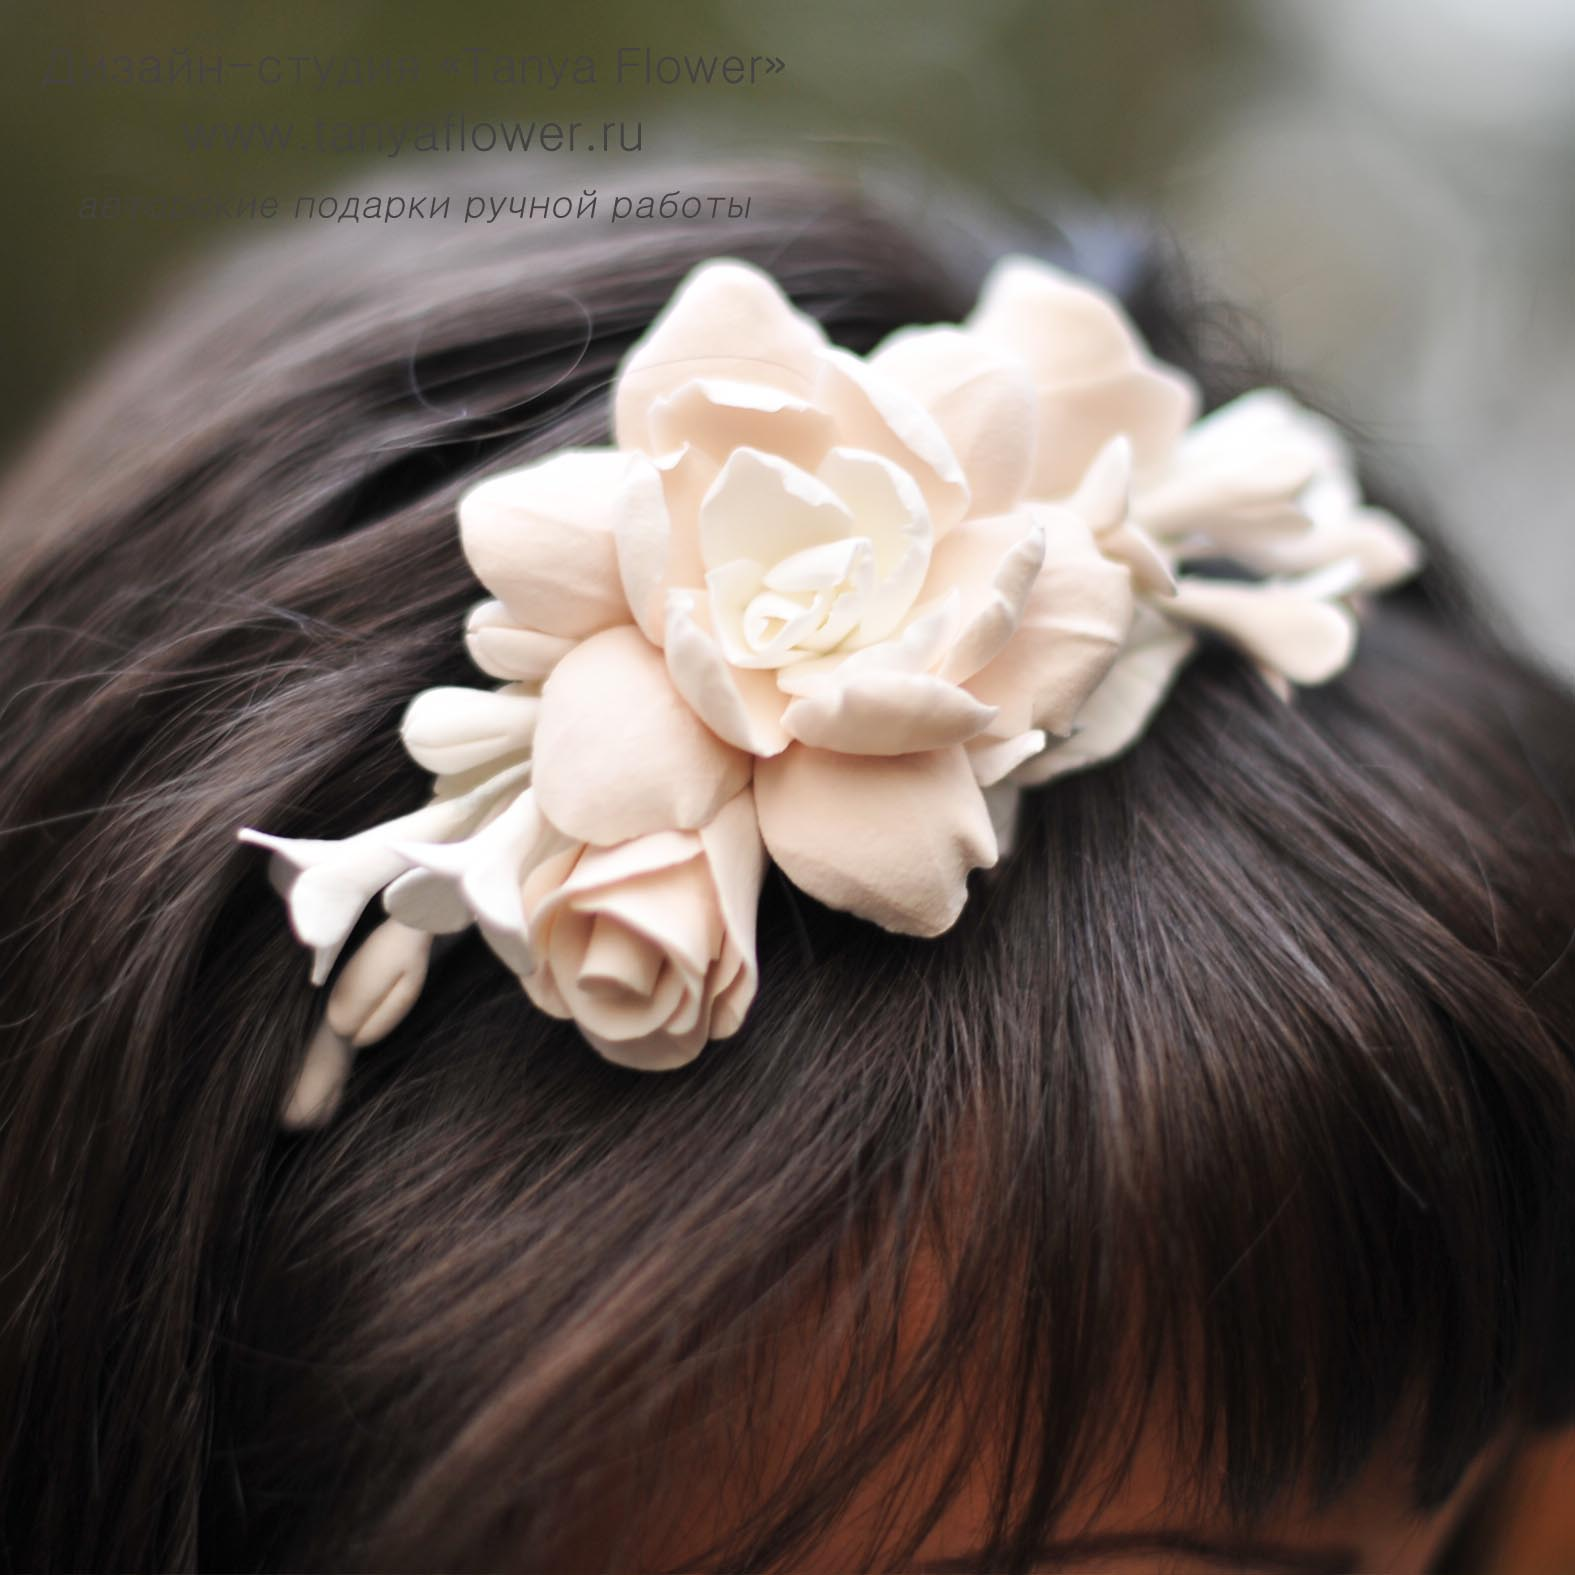 Обручи с цветами для волос из